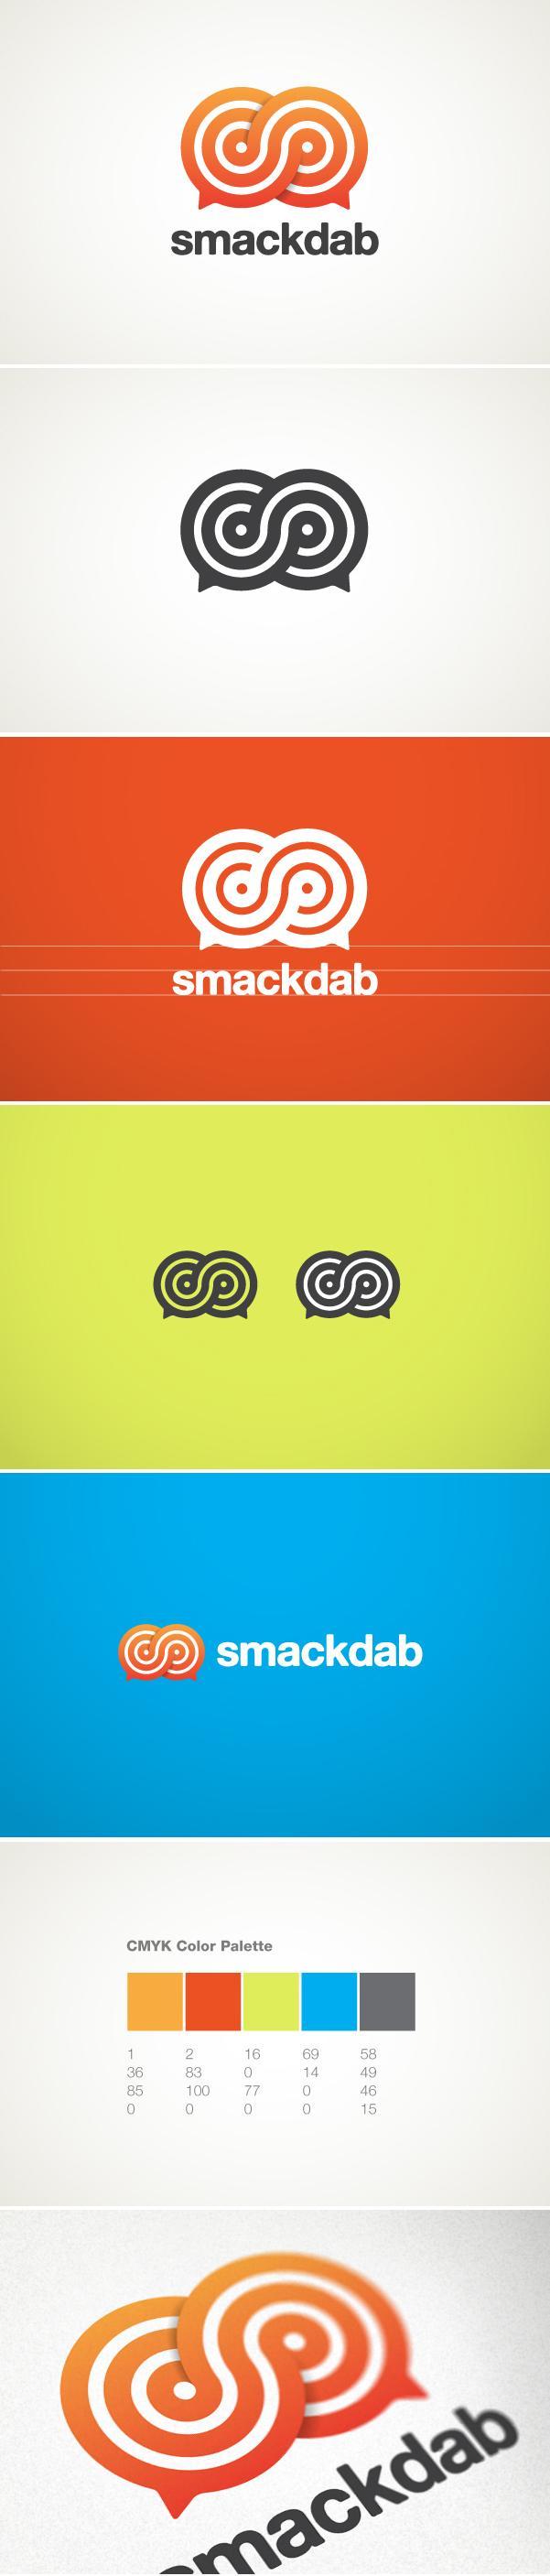 Smackdab Logo - Logos - Creattica